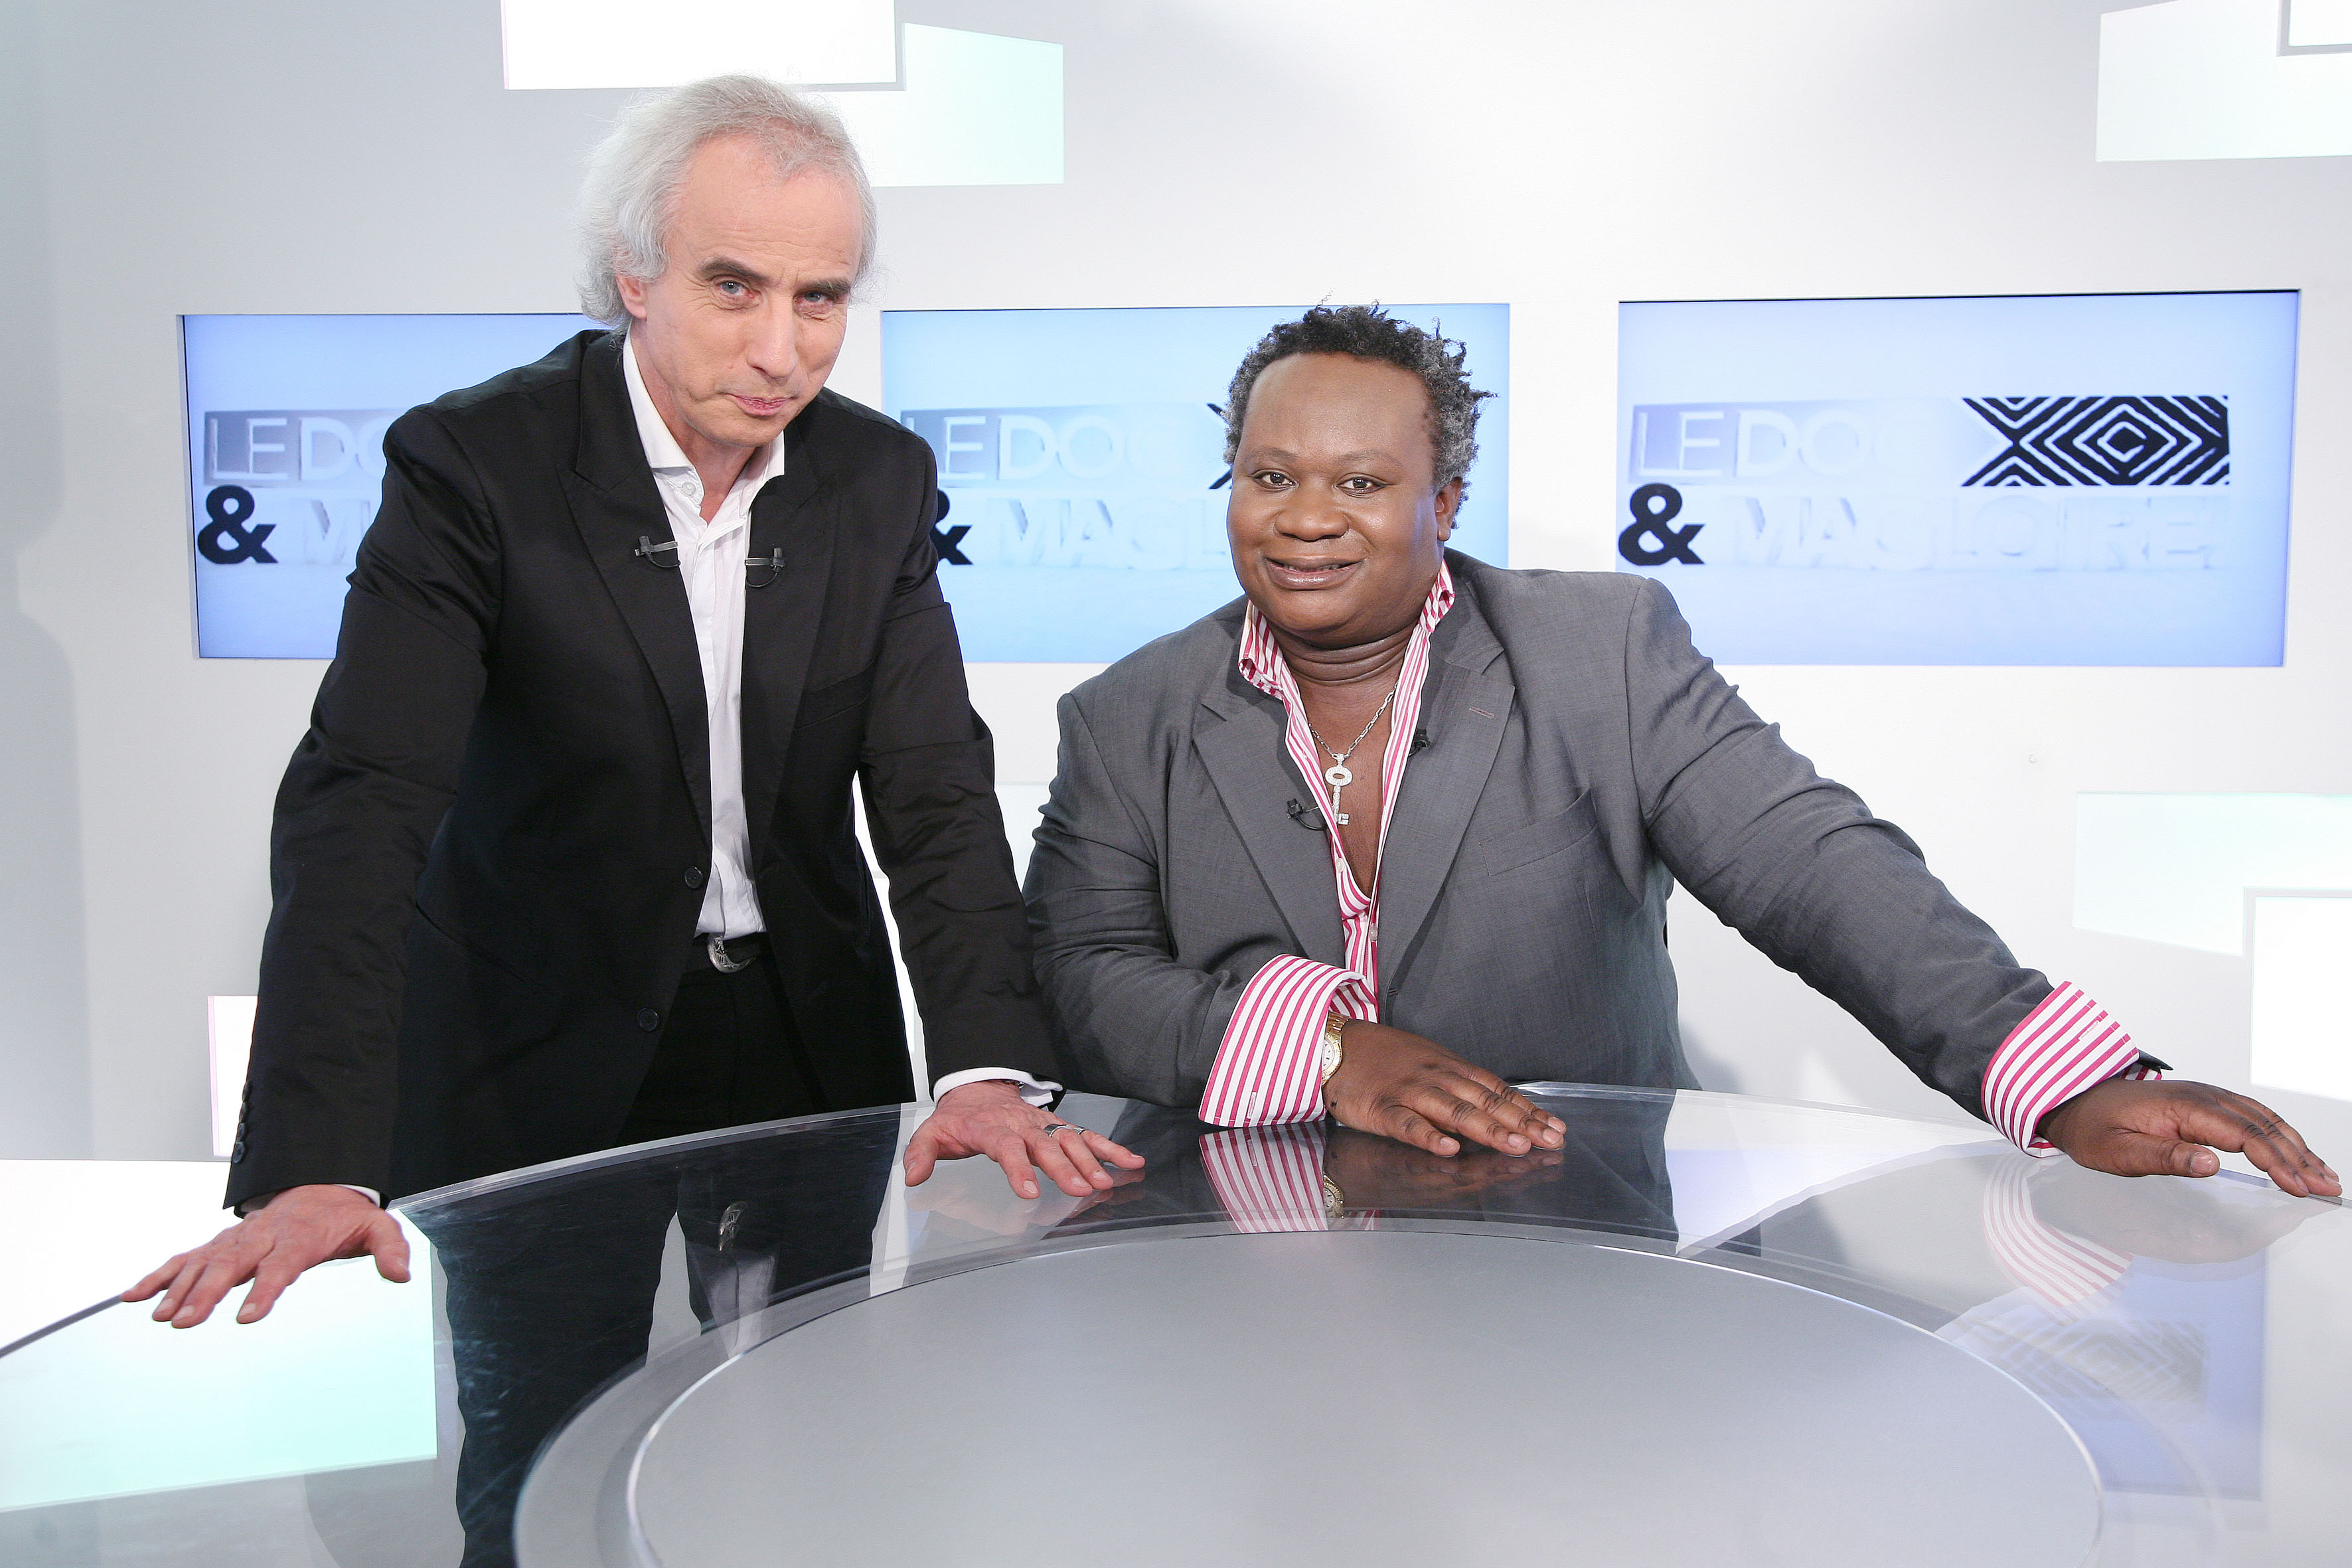 Le Doc et Magloire